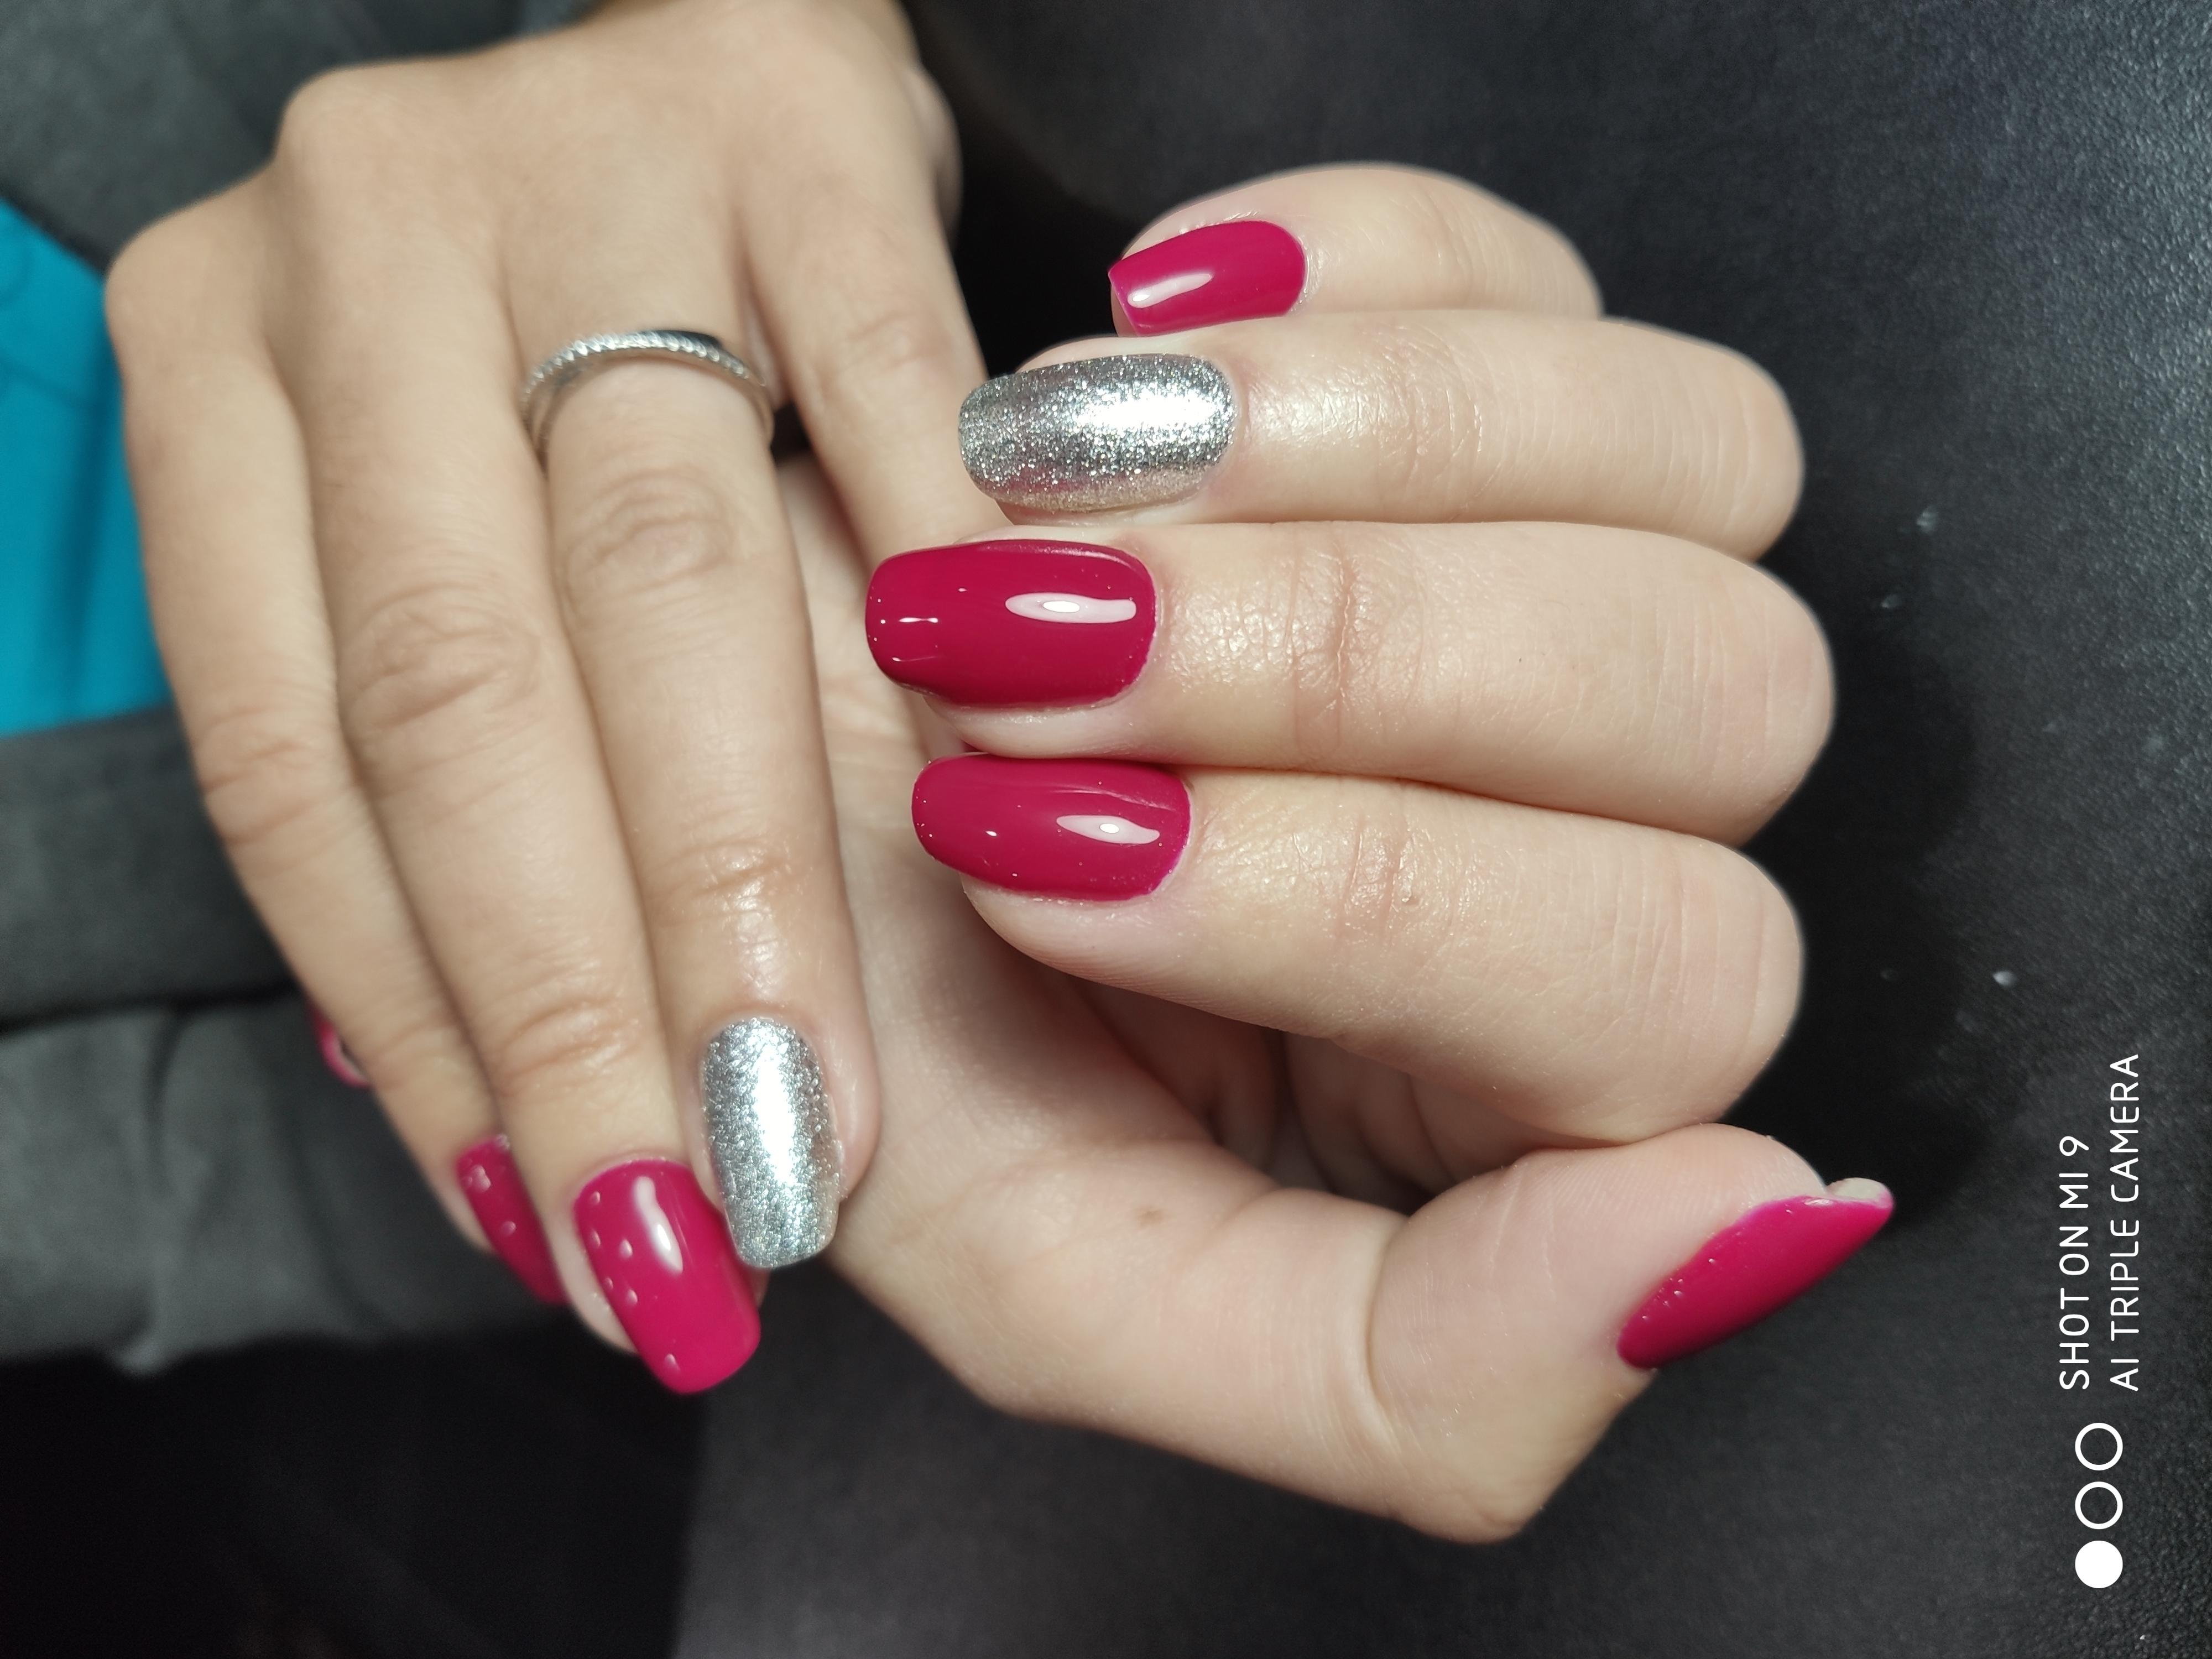 Маникюр с серебряными блестками в бордовом цвете.